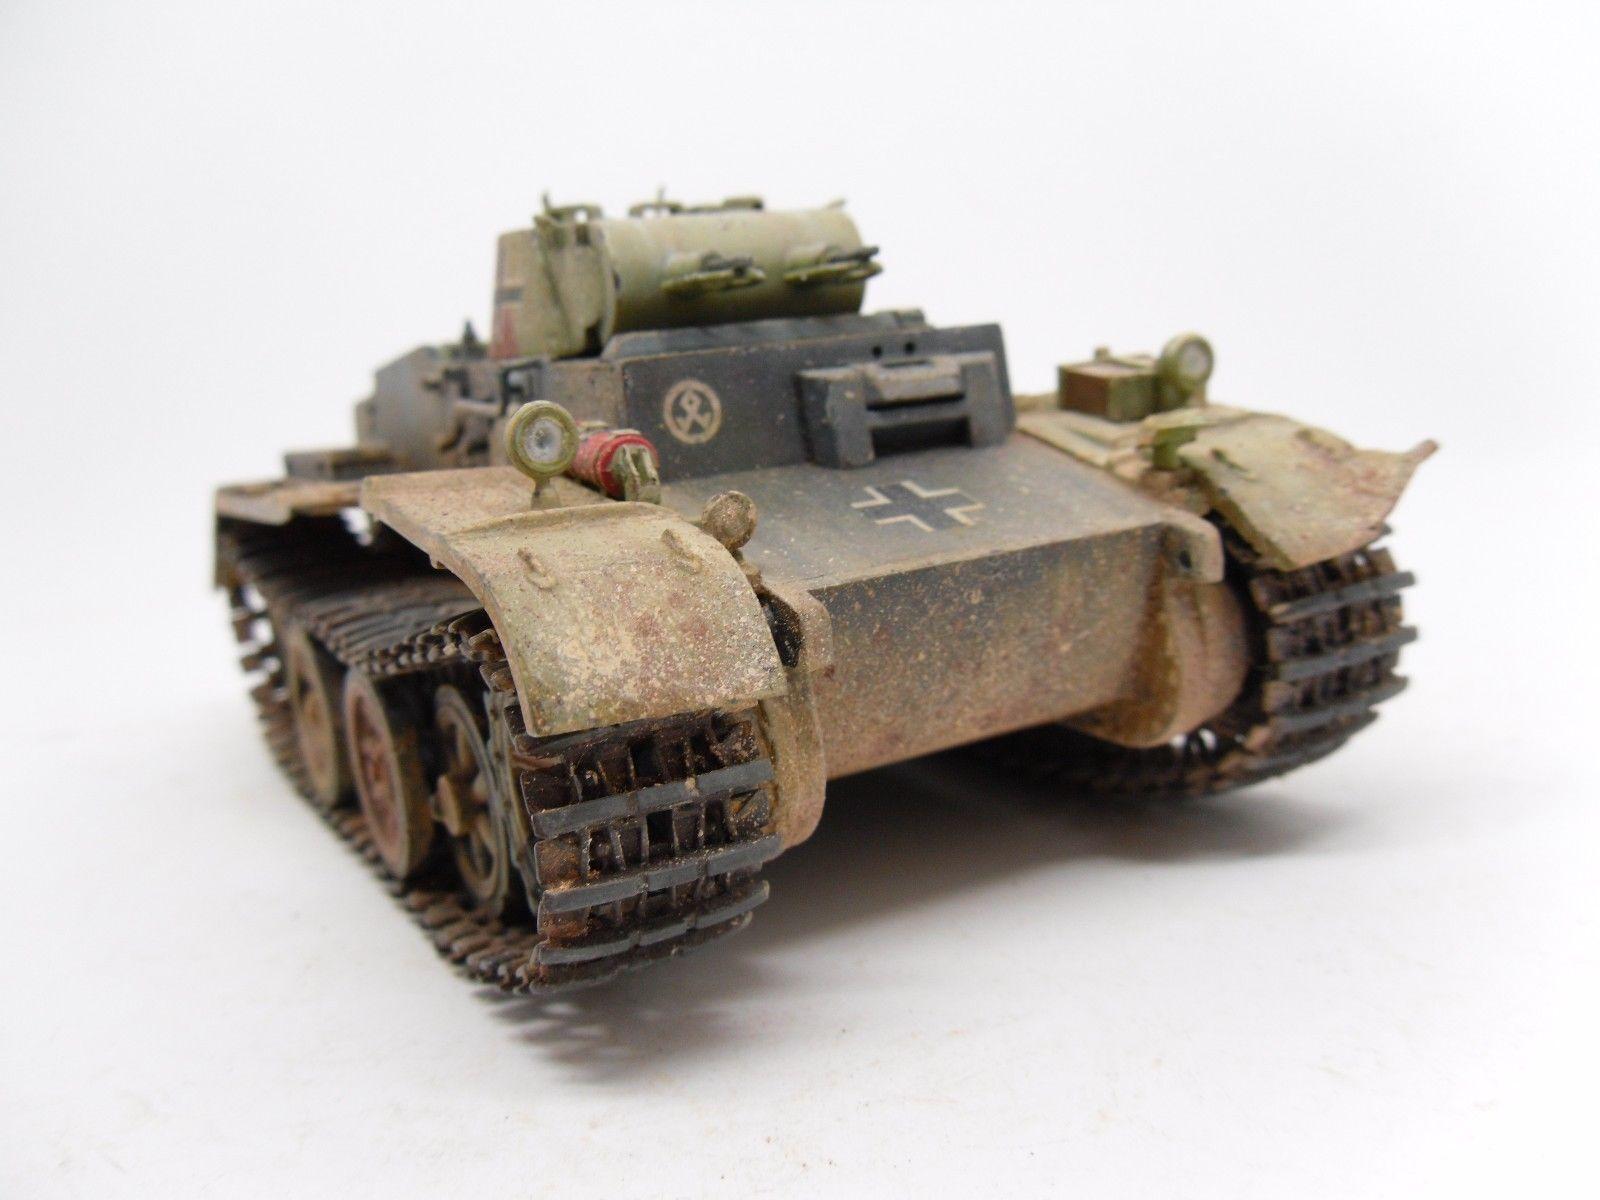 German light tank Pz Kpfw I Ausf F 1 35 built